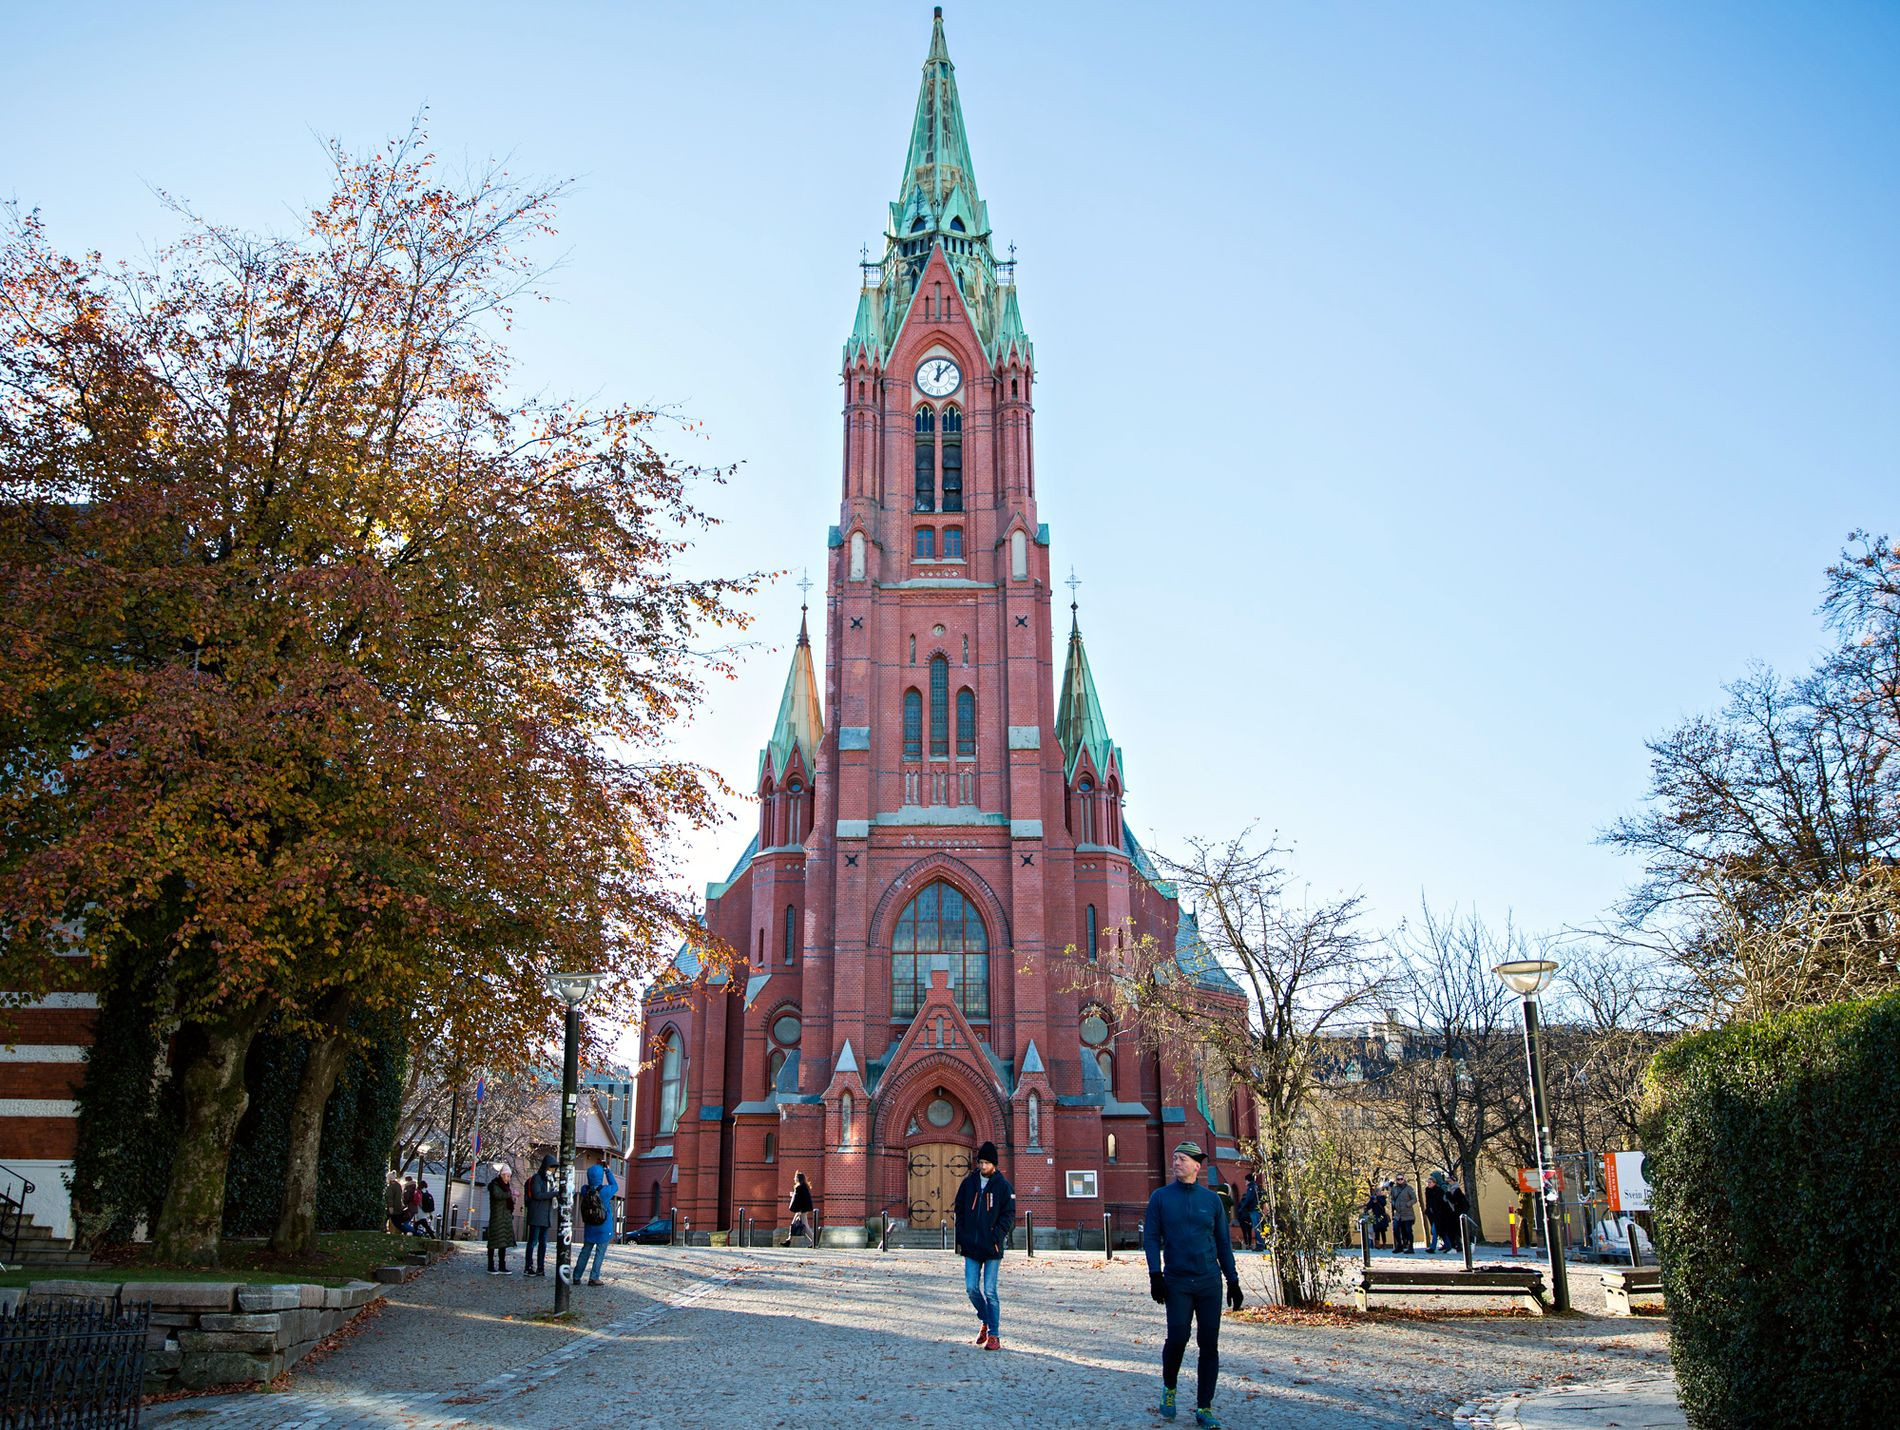 FOR LANGT UNNA BYEN: Byantikvar Johanne Gillow har hørt en historie om at den katolske kirke ble tilbudt tomten for kirken, men at man takket nei fordi man mente den var for langt unna byen.